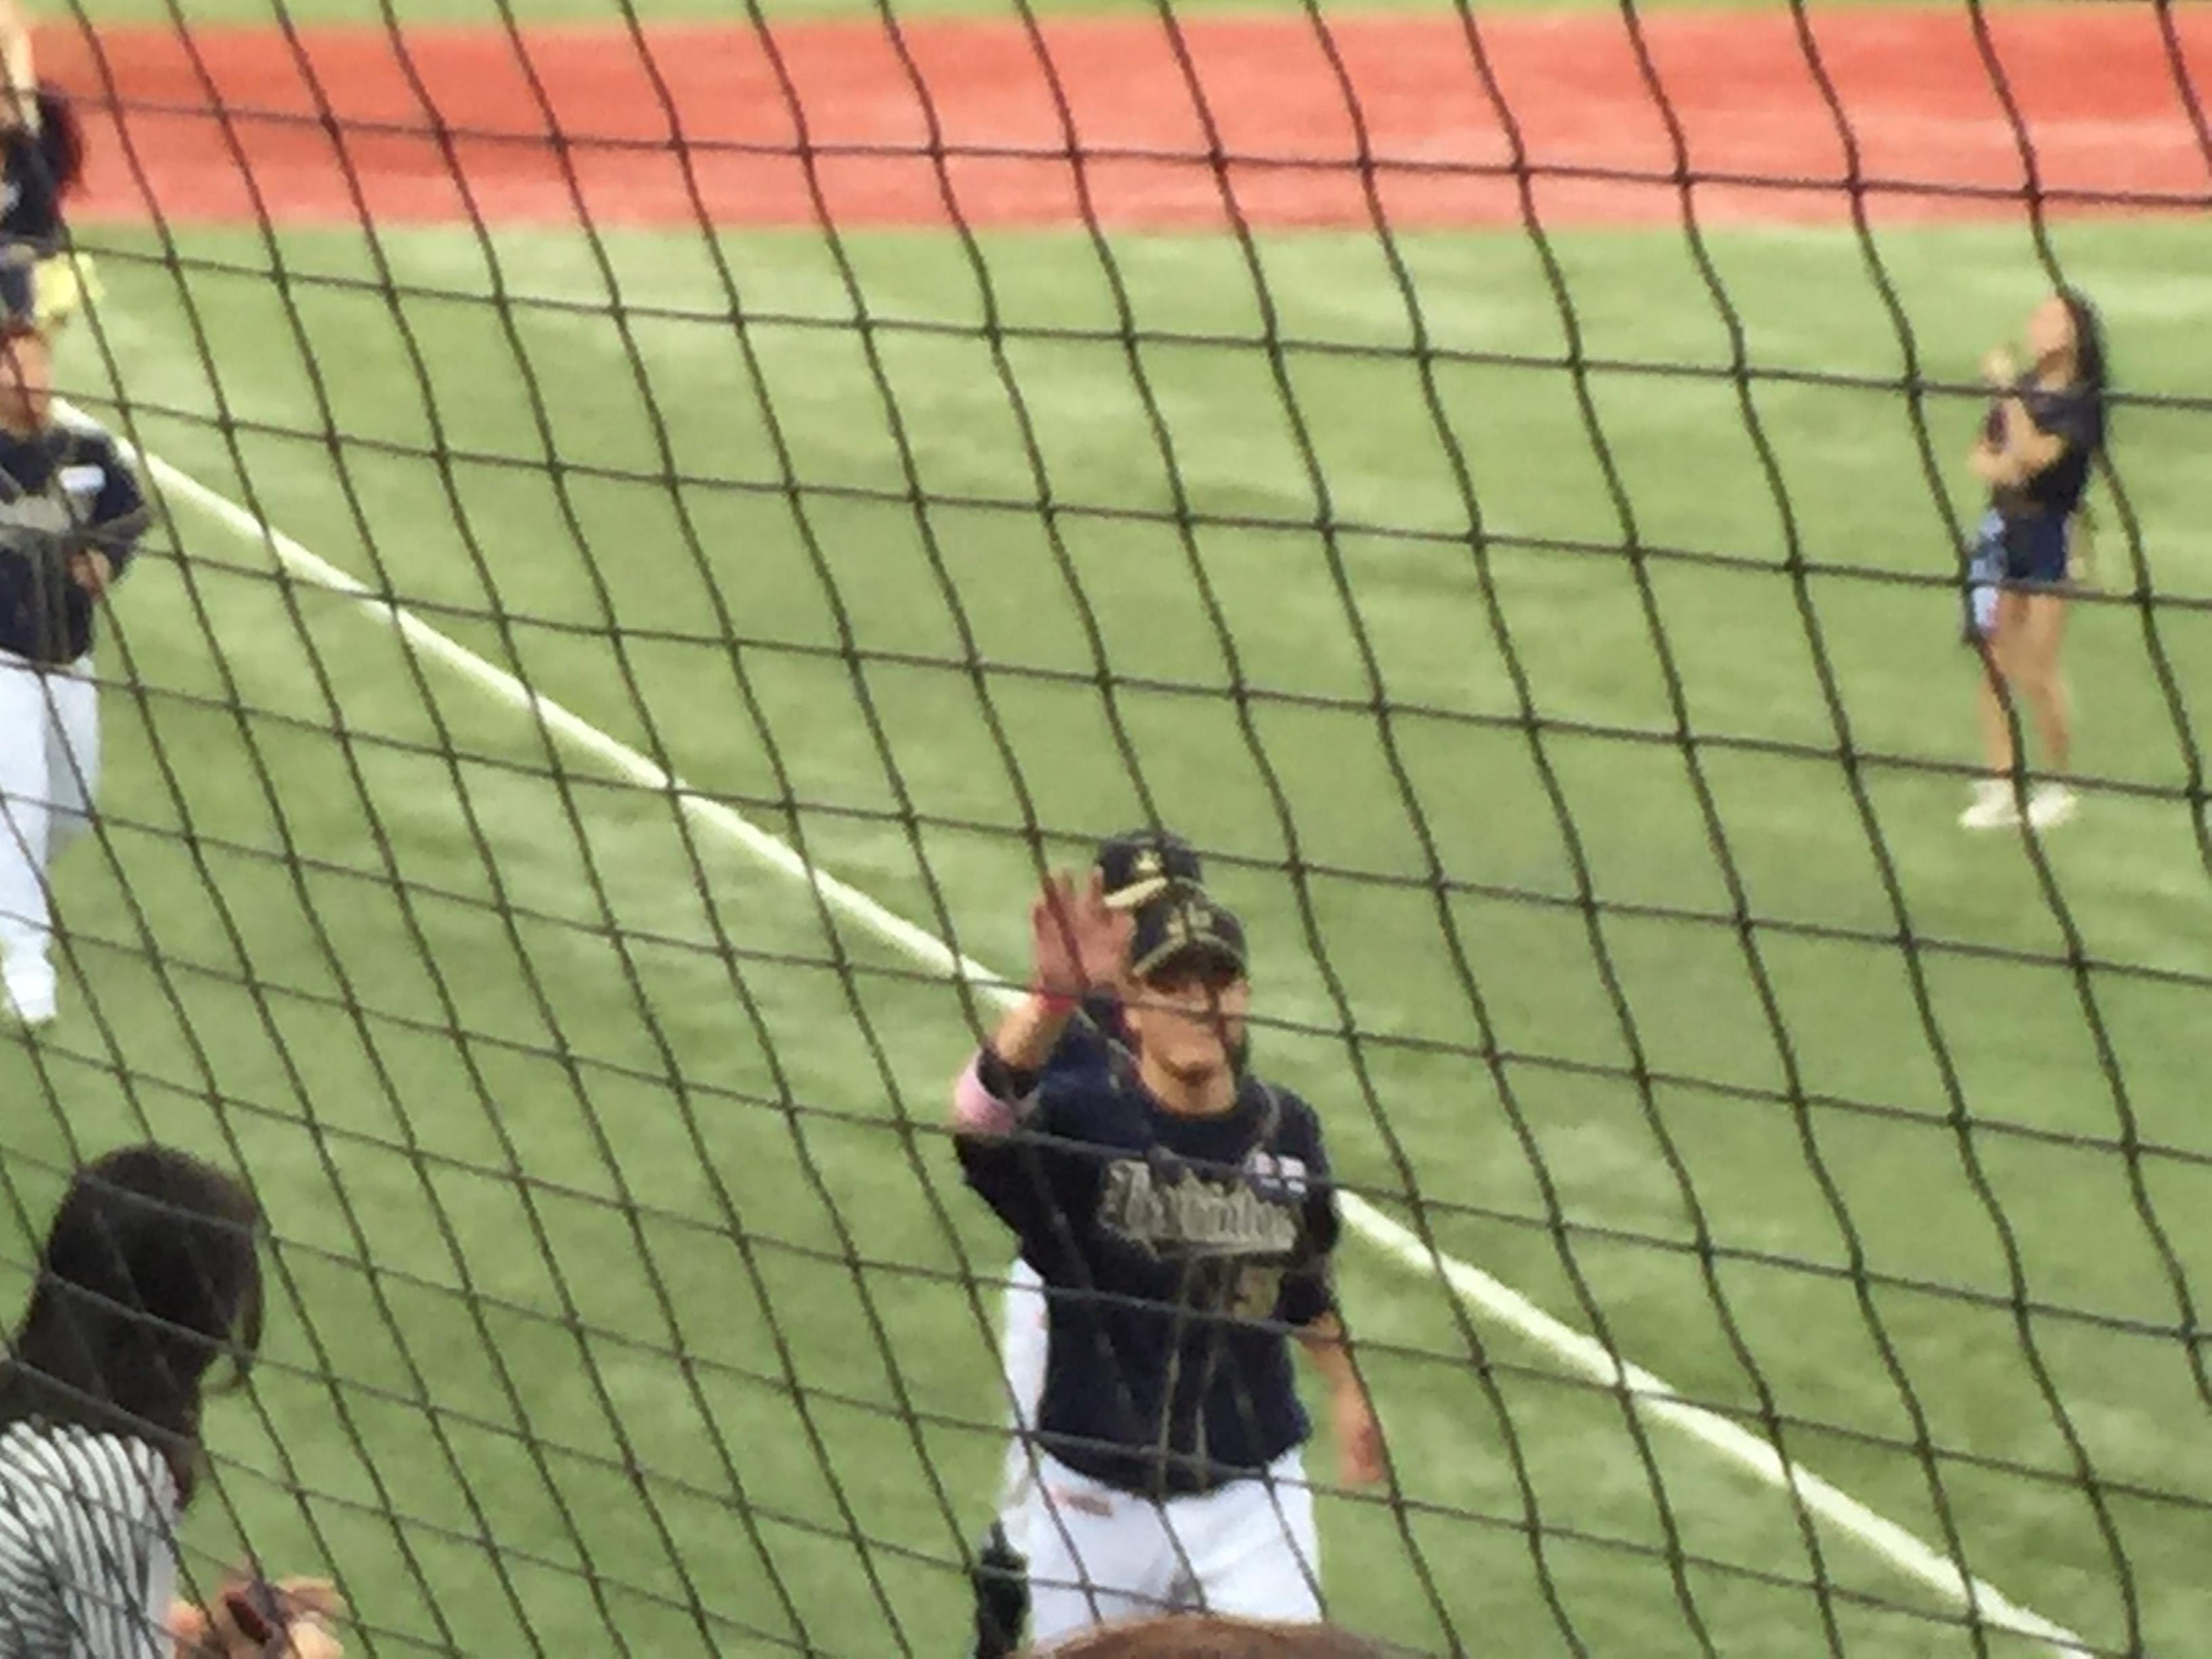 2015年5月10日 オリックス 対 北海道日本ハム 西今季初勝利